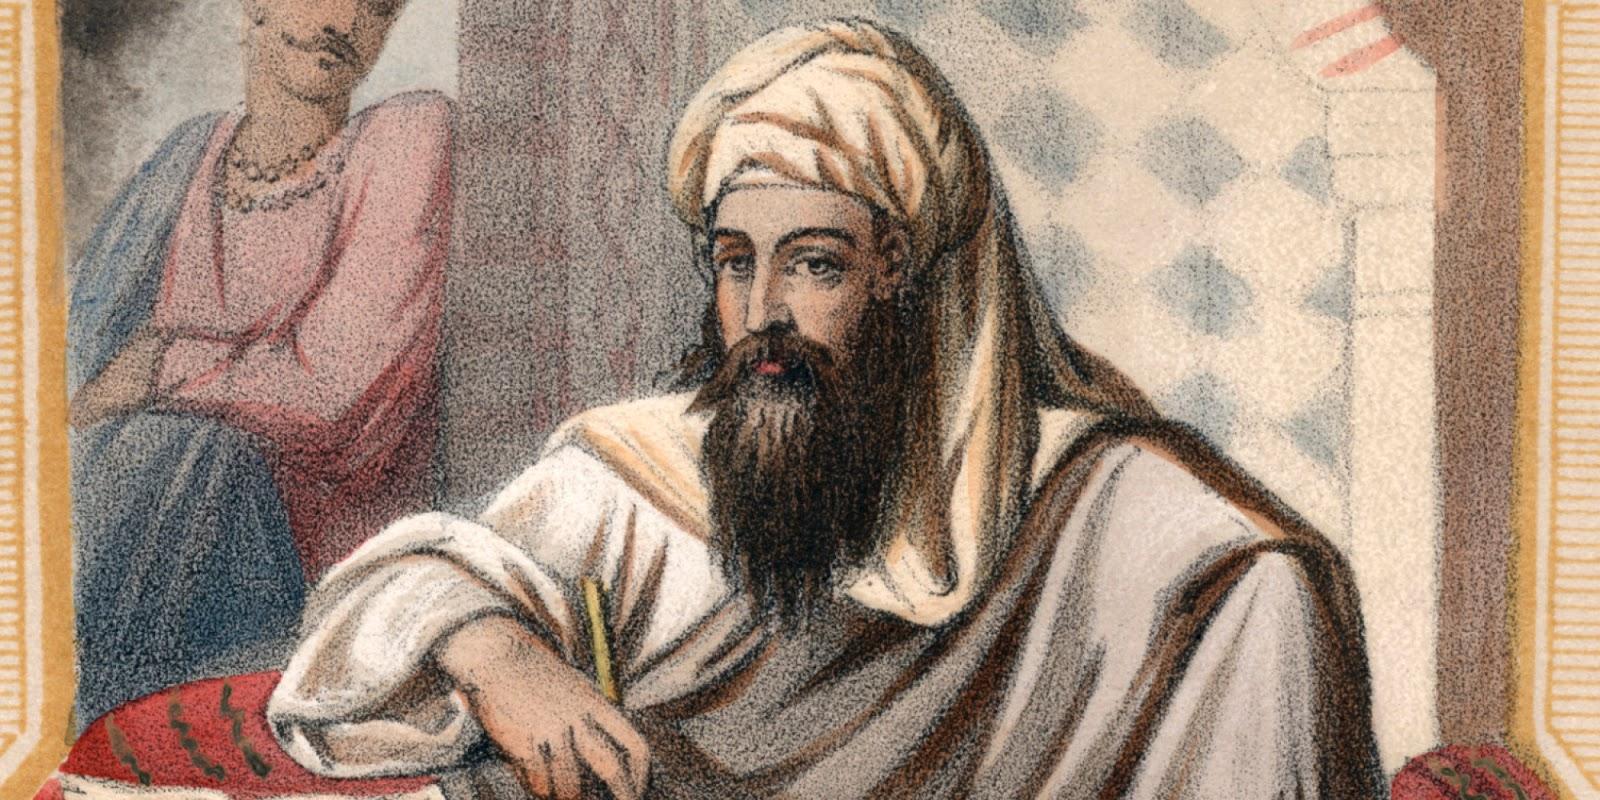 цена картинки пророк мухаммад выступает отличным